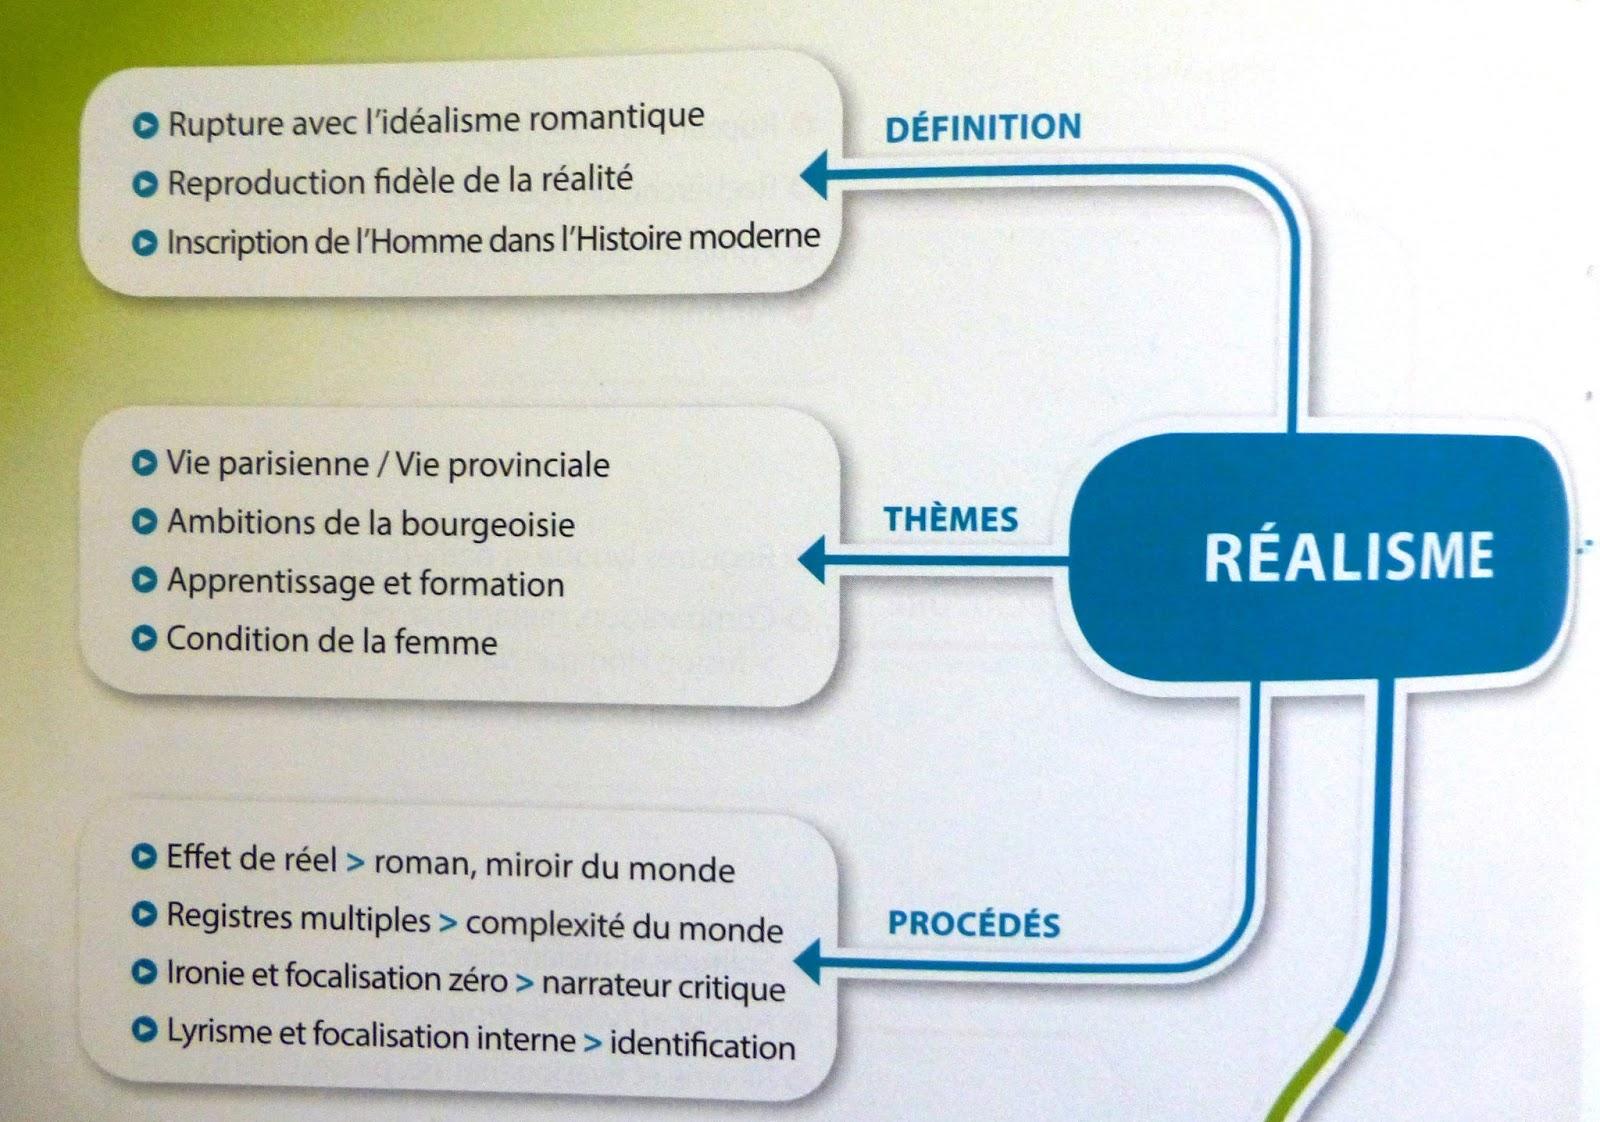 dissertation sur le realisme et le naturalisme Proche du sujet de bac 2008 des séries s et es, cette dissertation organisée selon les et le bouleversement qui elle fait agir sur les imaginations et les.